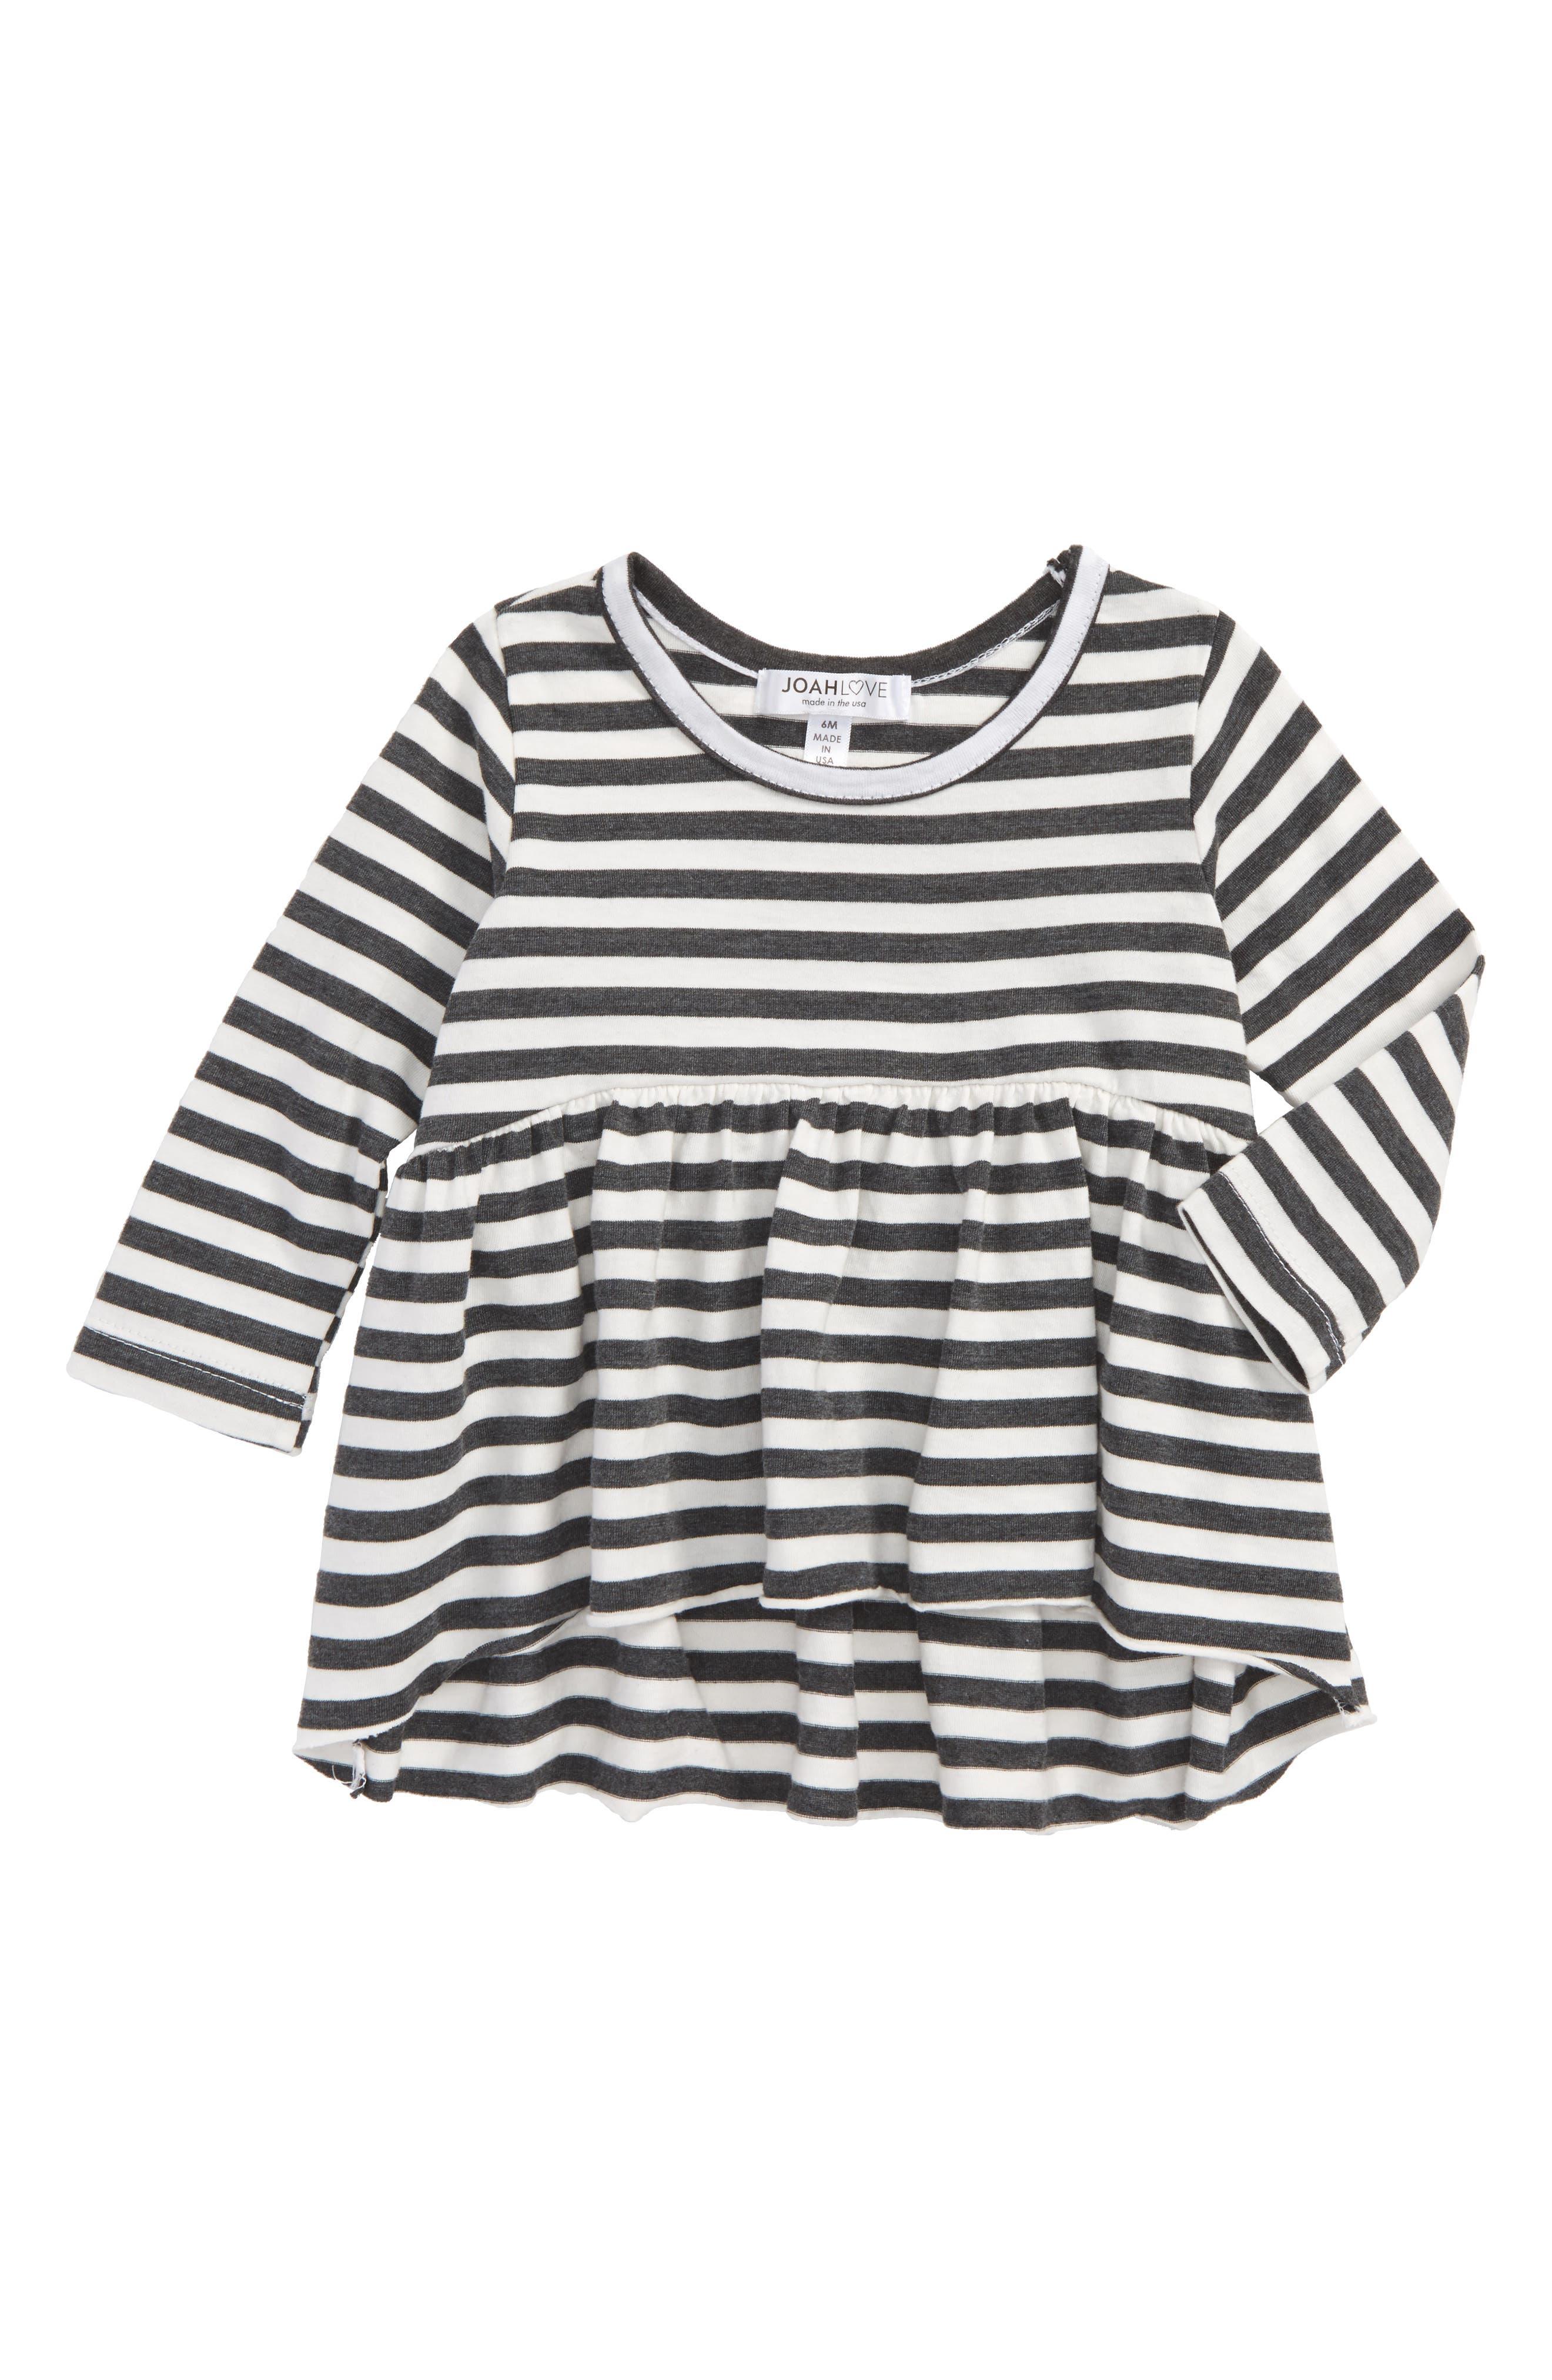 Main Image - Joah Love Stripe Peplum Tee (Baby Girls)